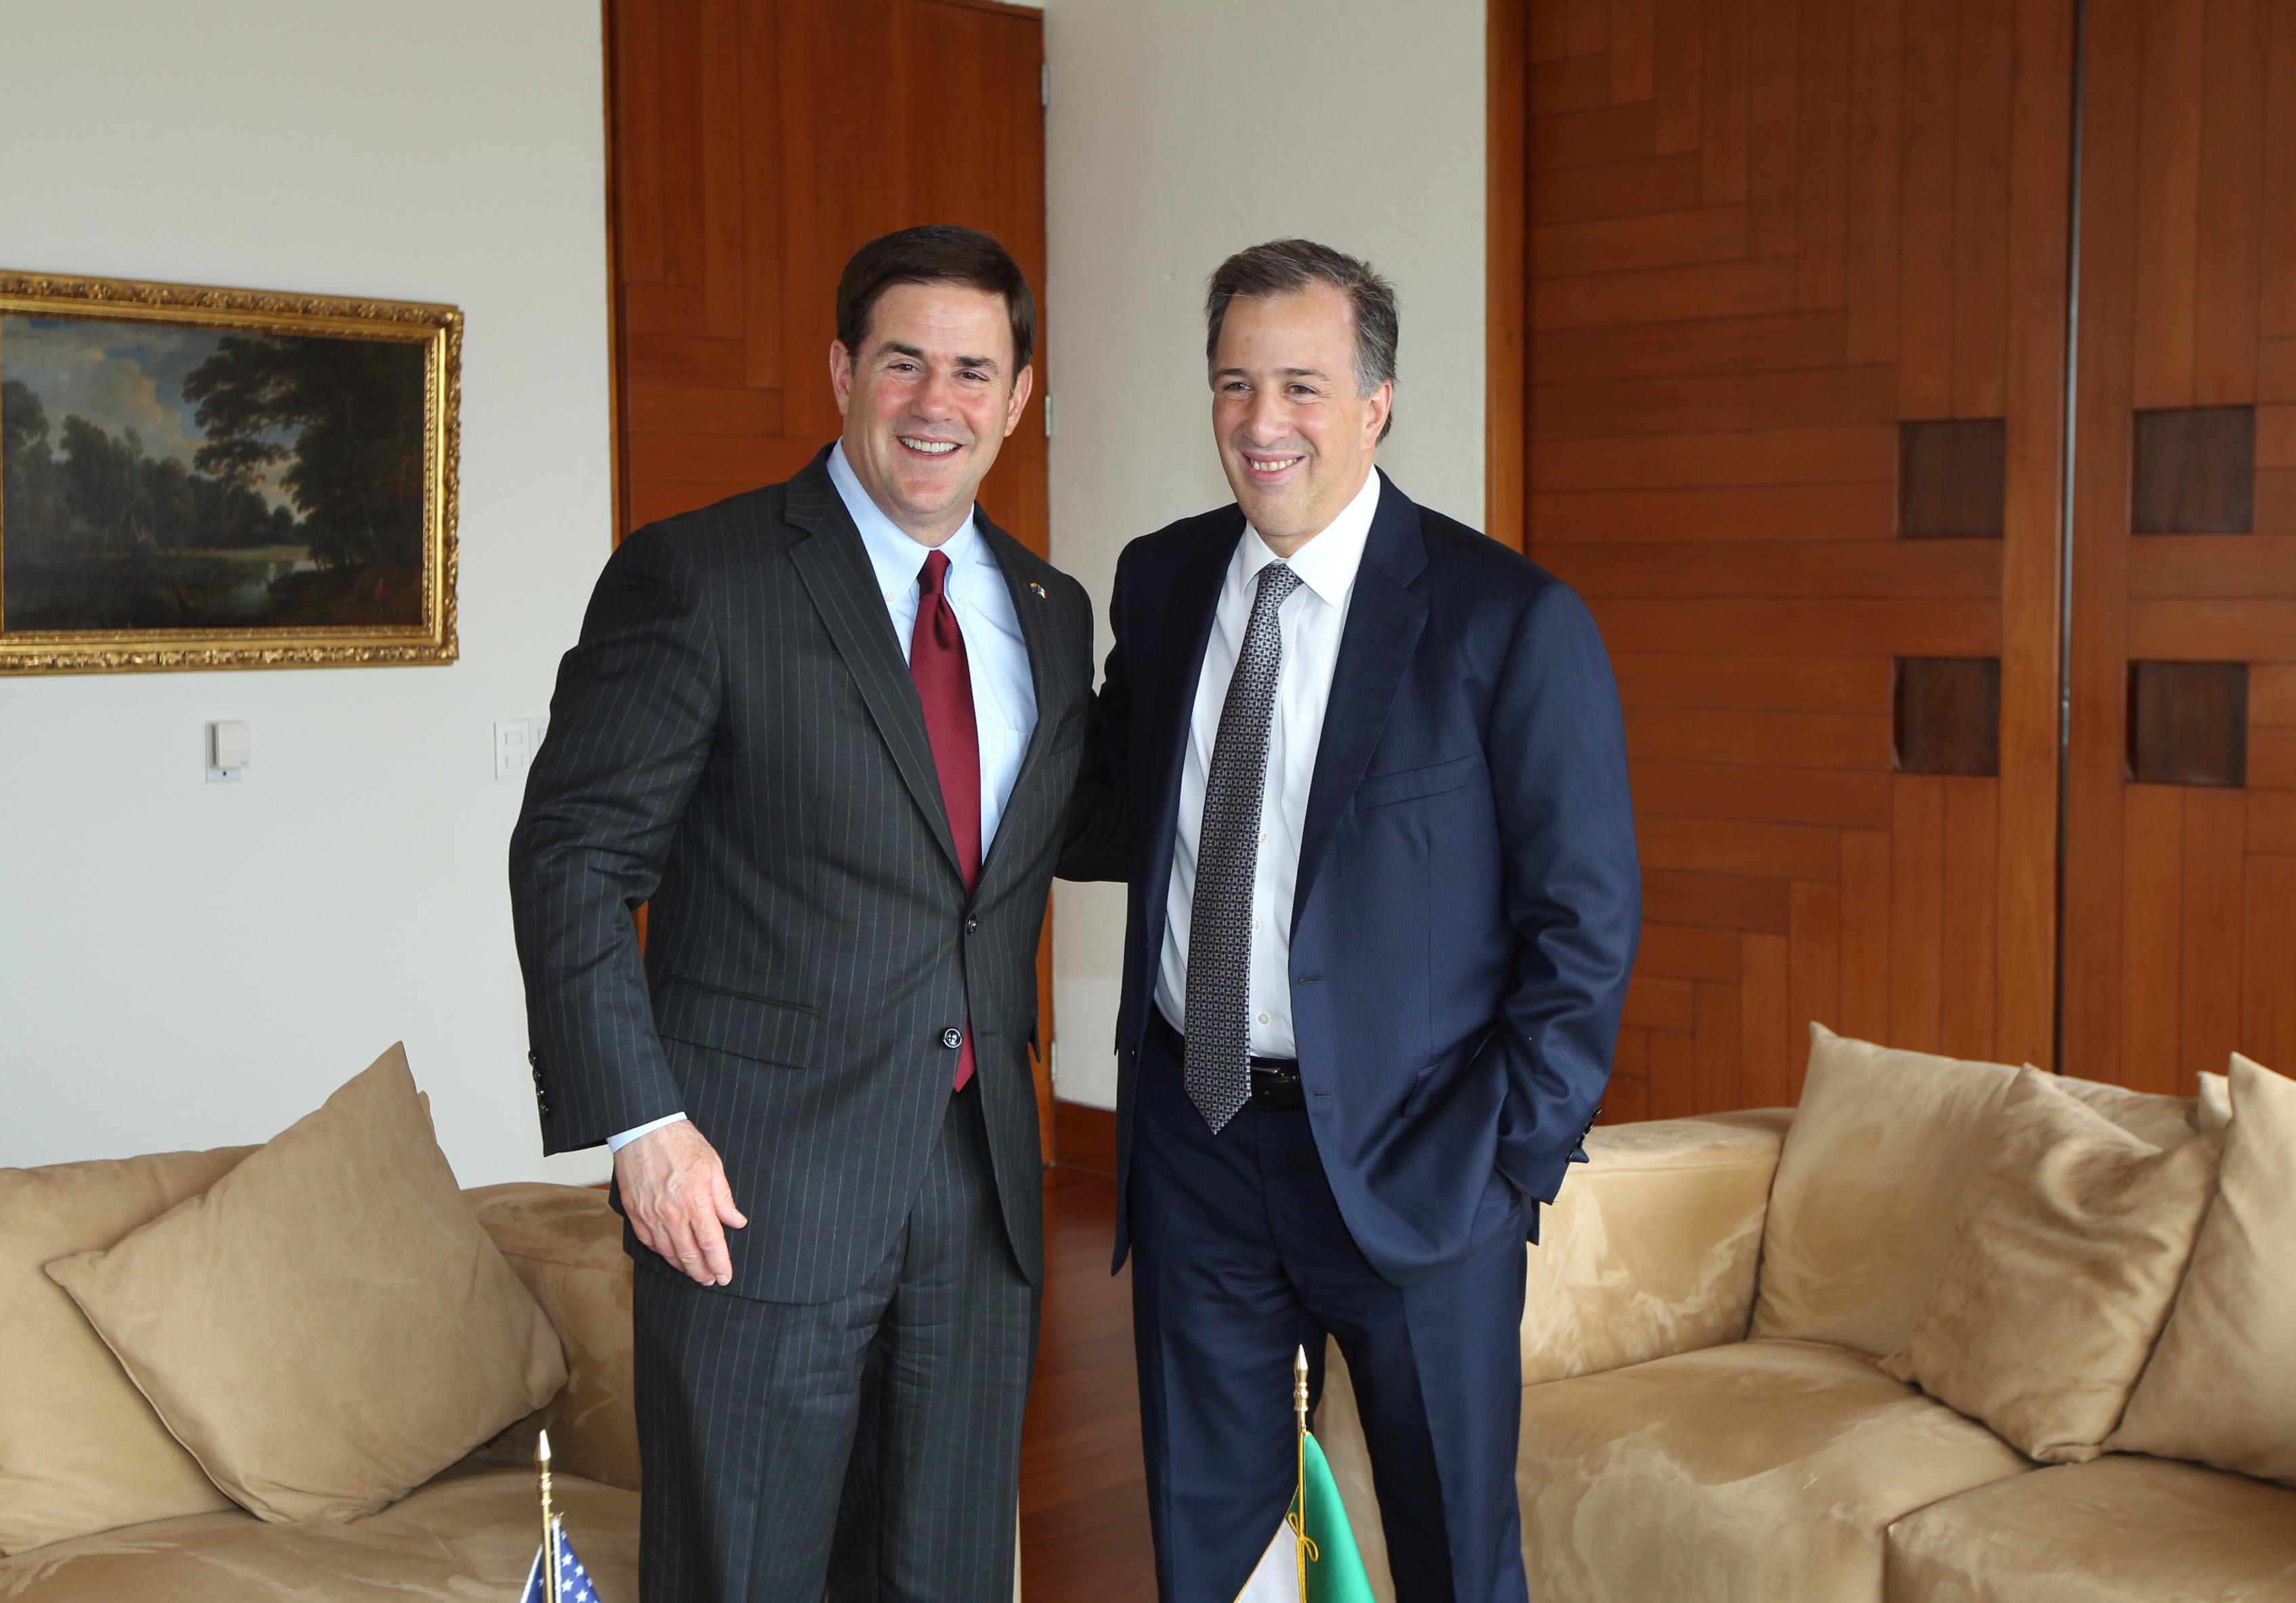 FOTO 1 Canciller Jos  Antonio Meade con el gobernador de Arizona  Doug Duceyjpg